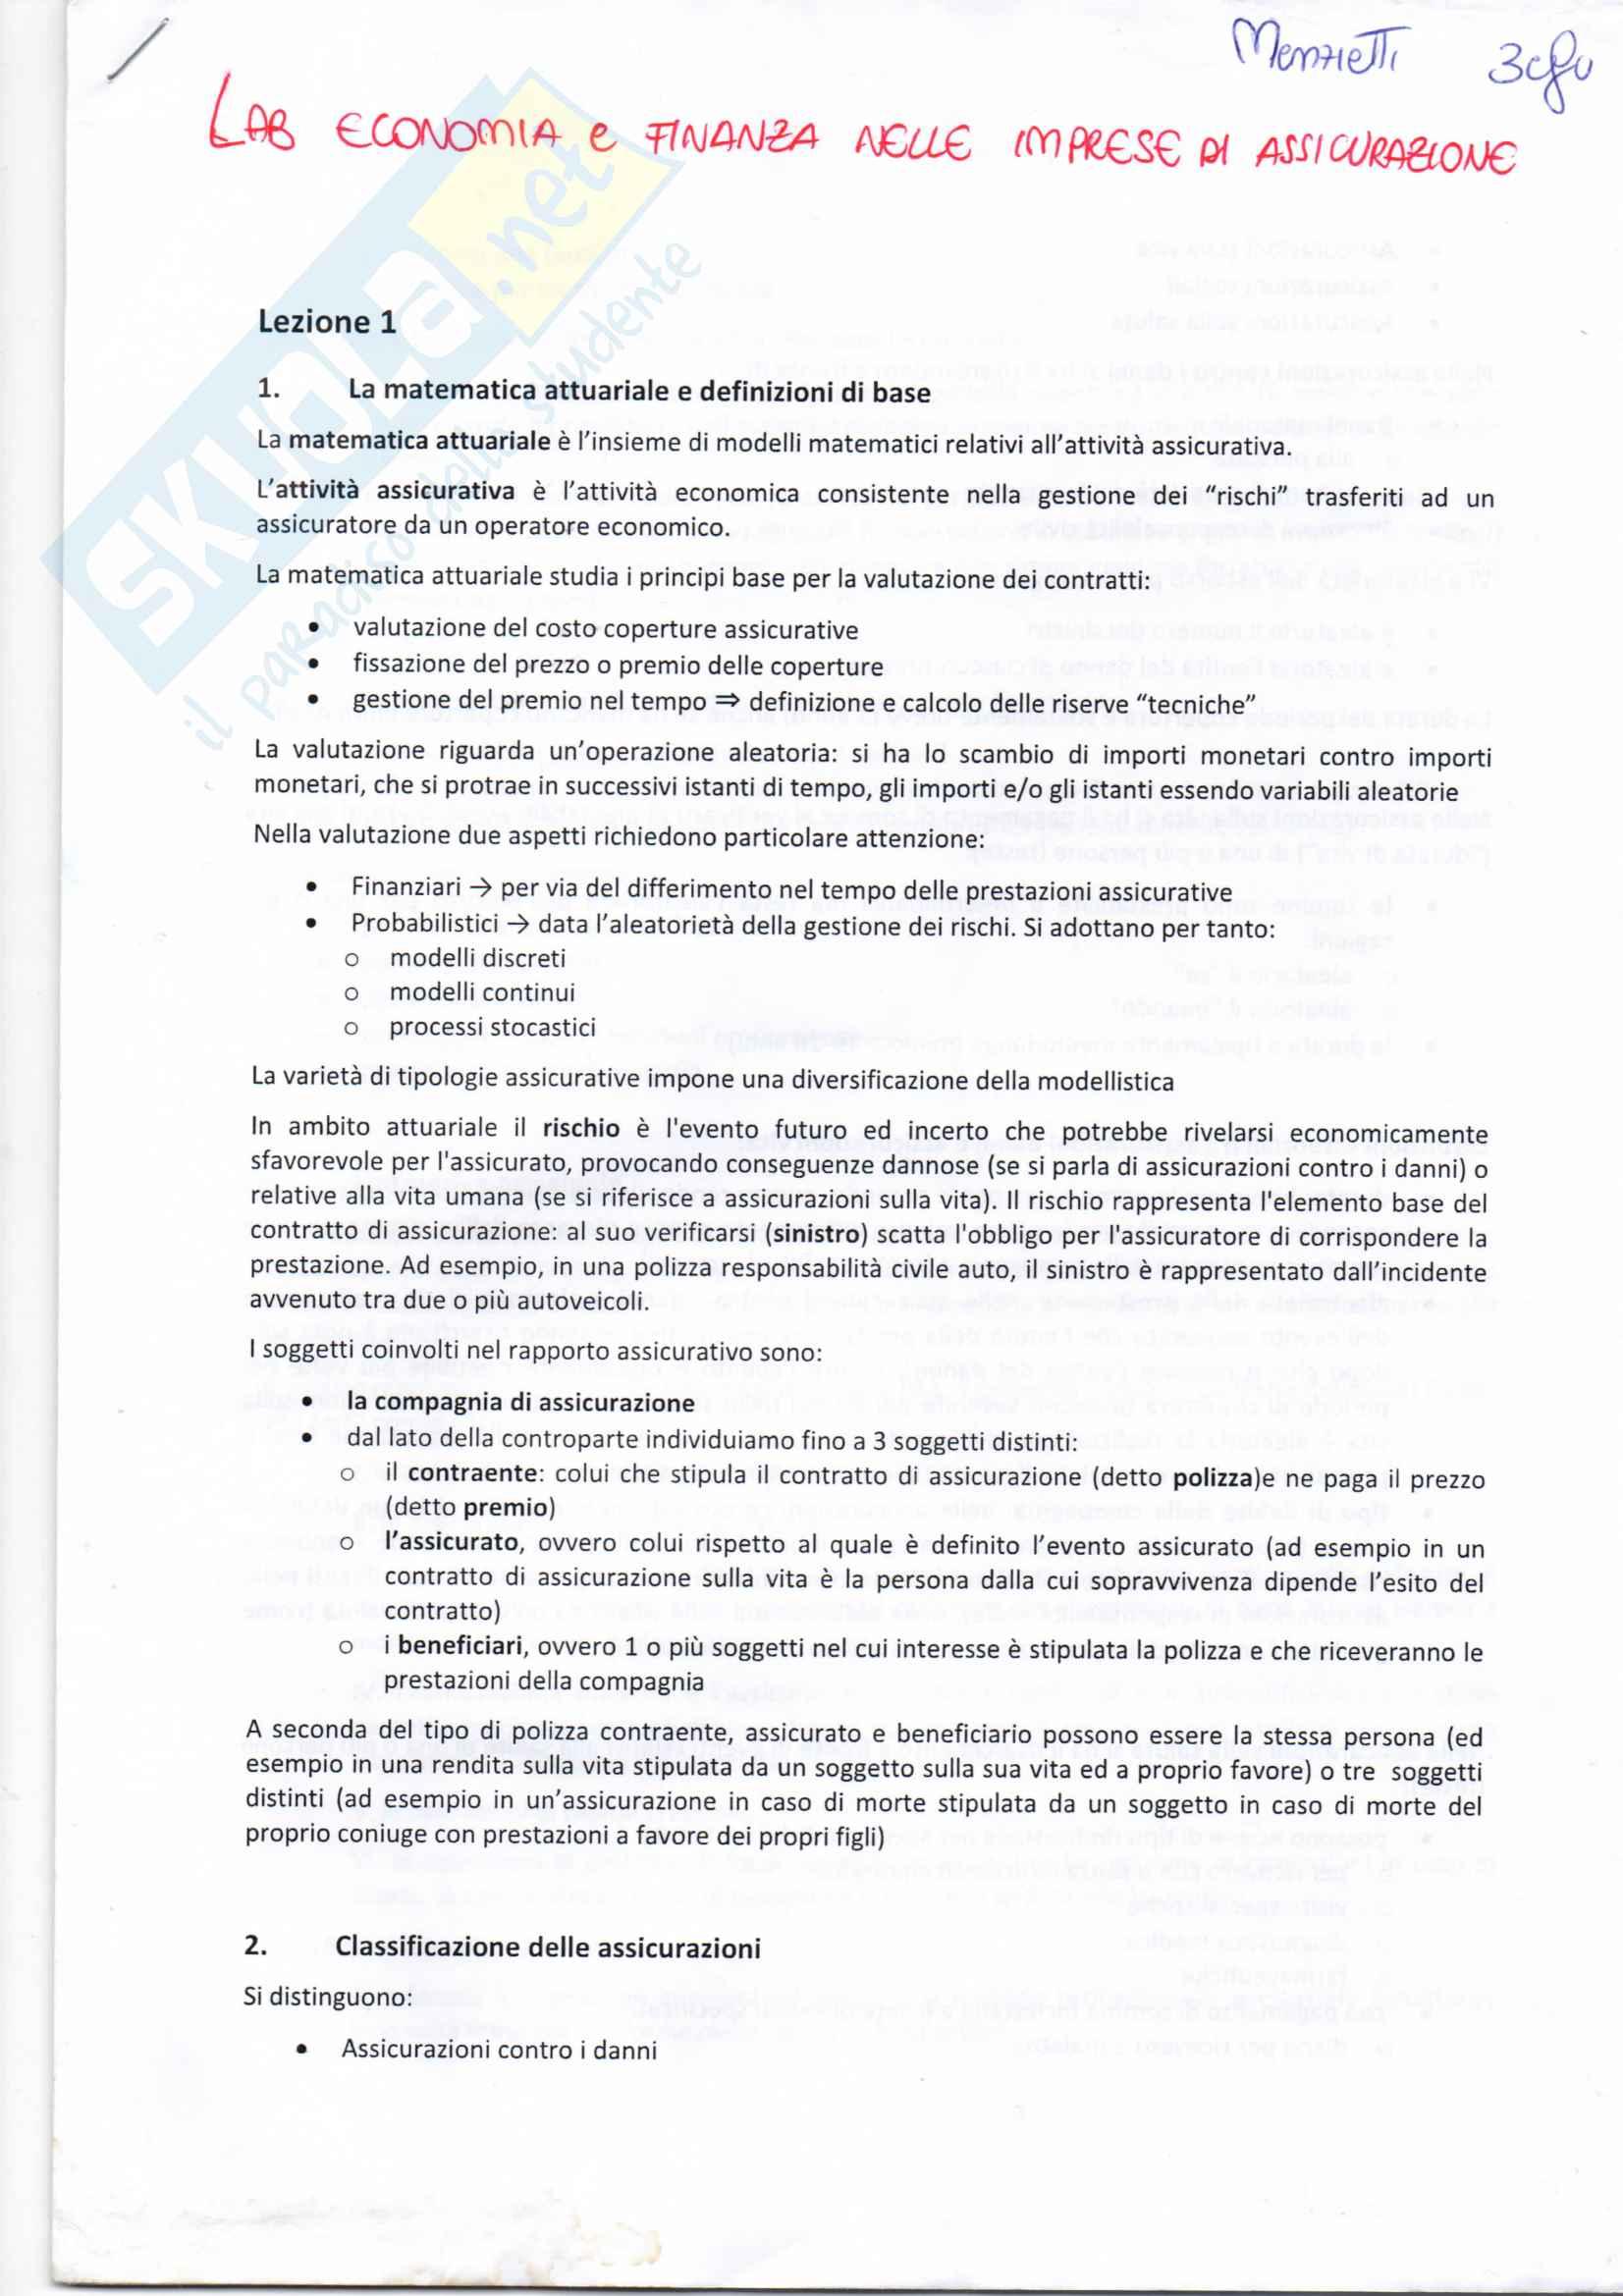 Laboratorio di Economia e Finanza delle Imprese di Assicurazioni